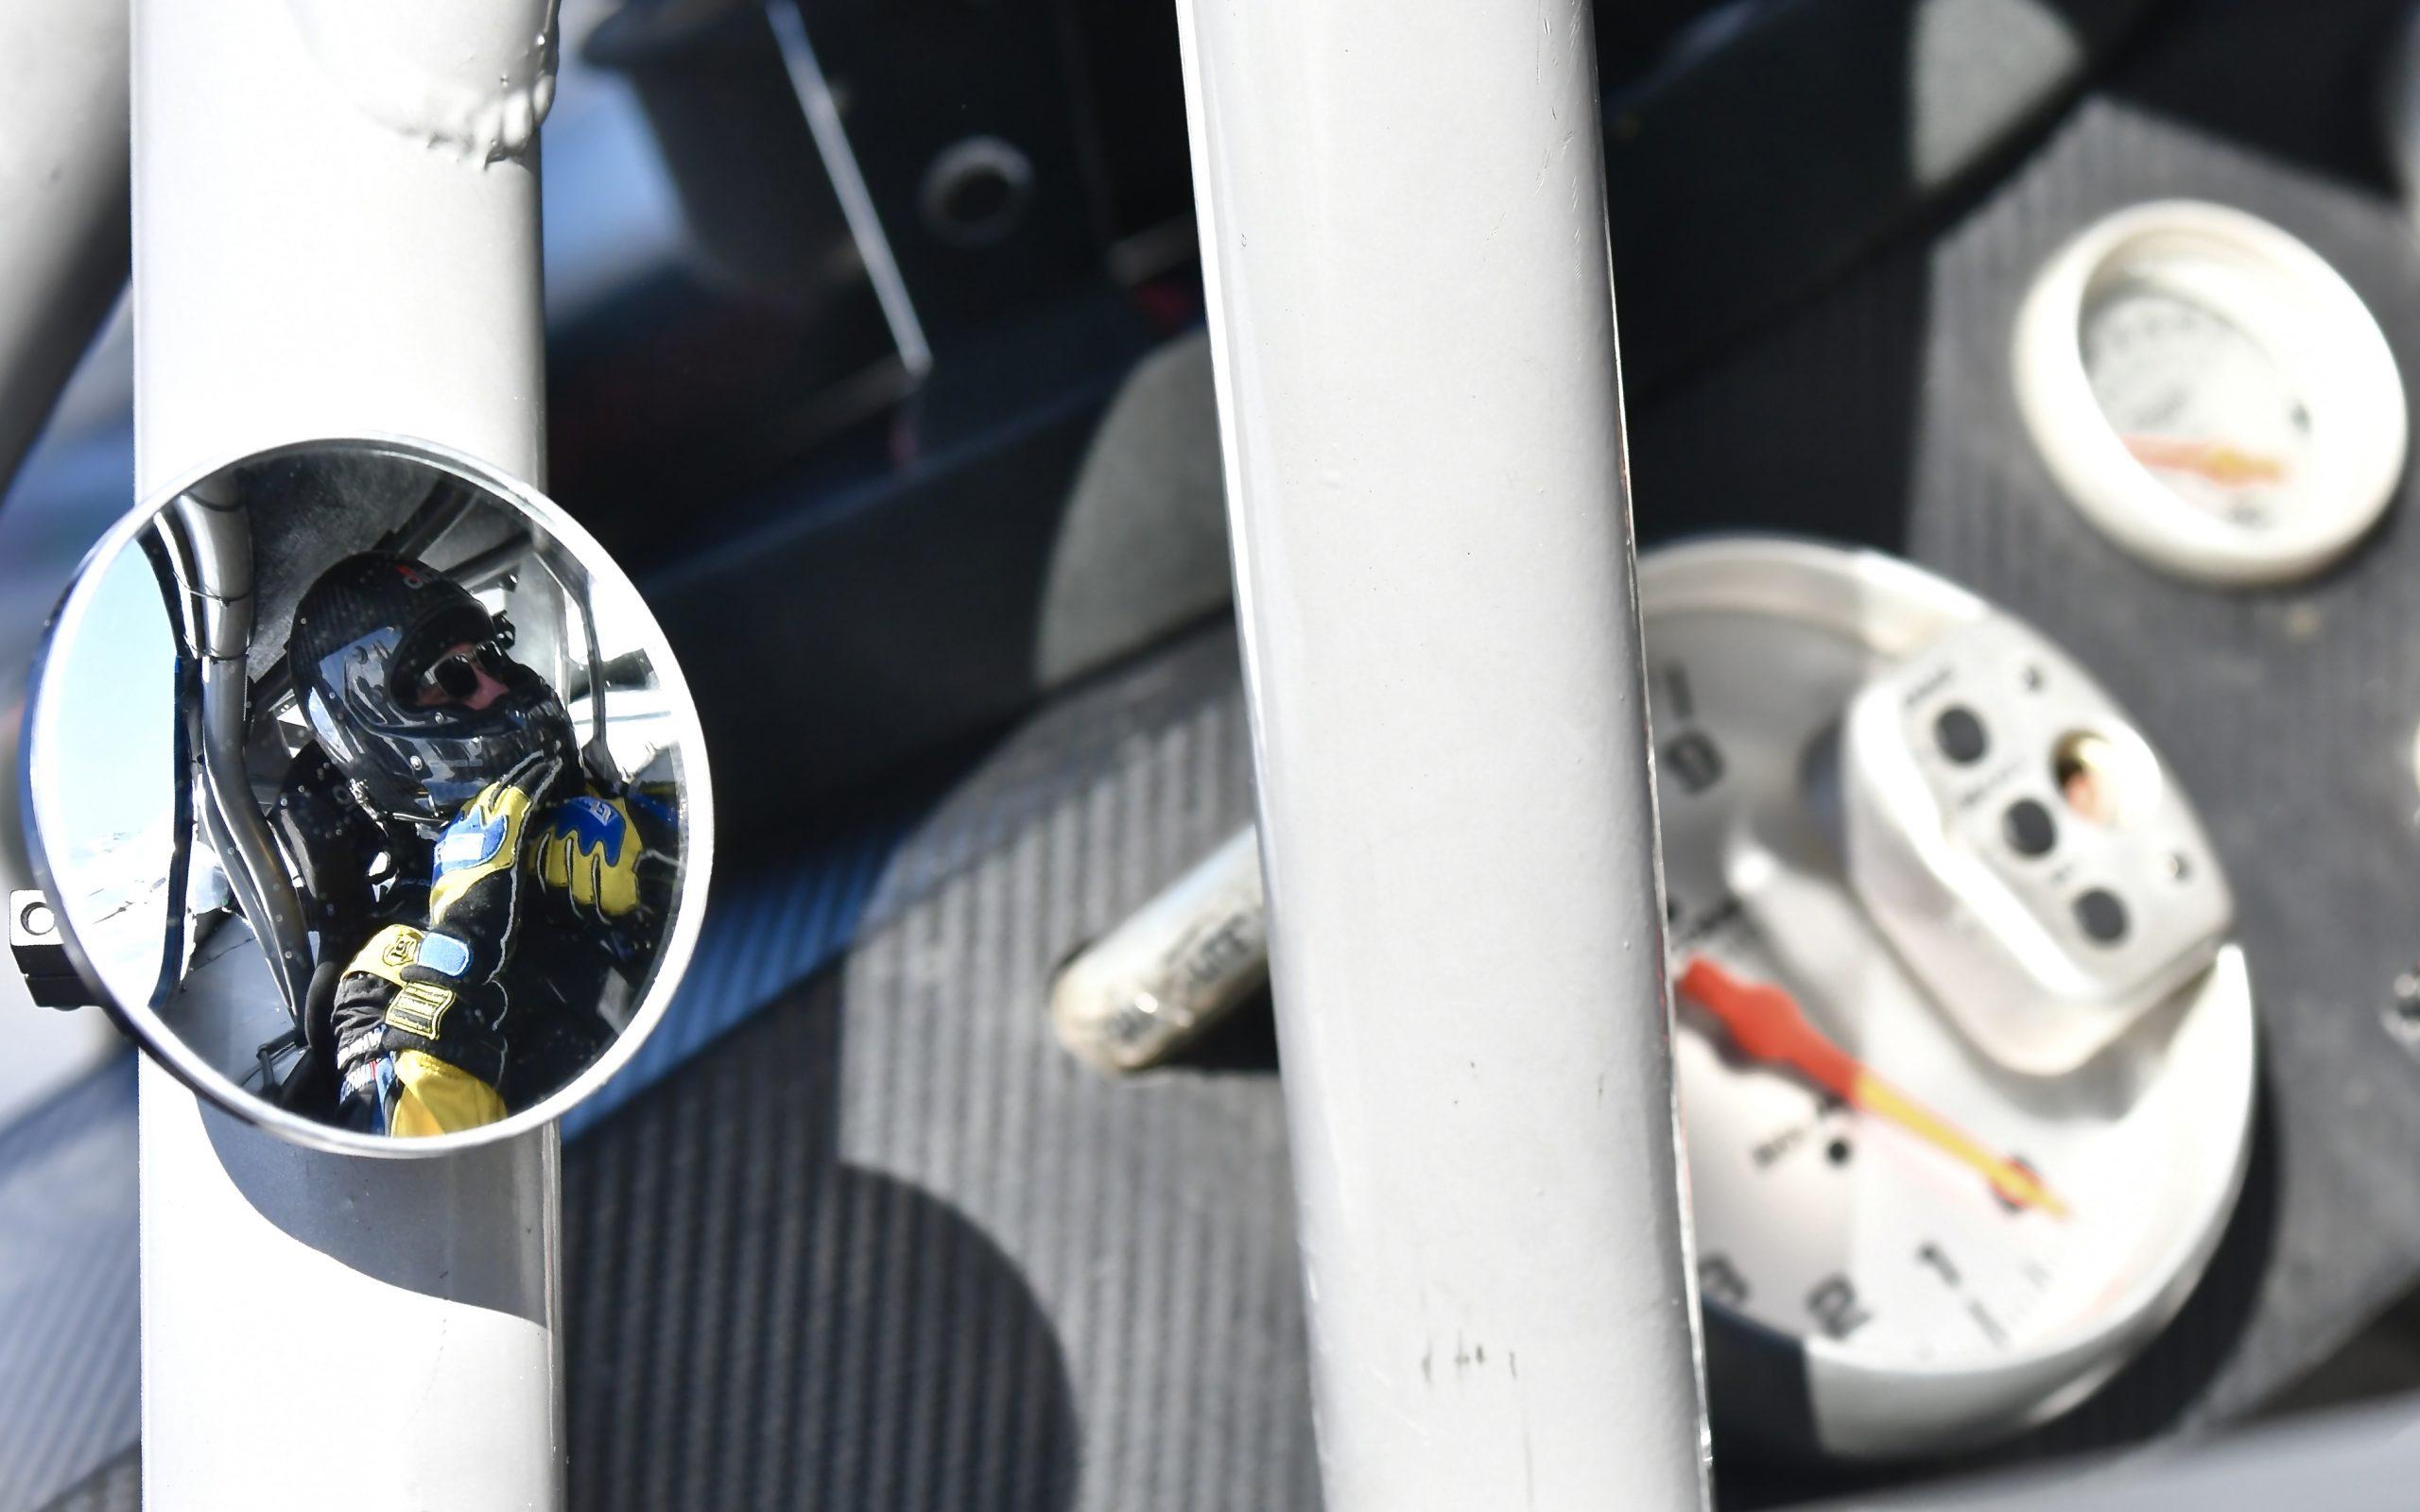 NASCAR on ice mirror